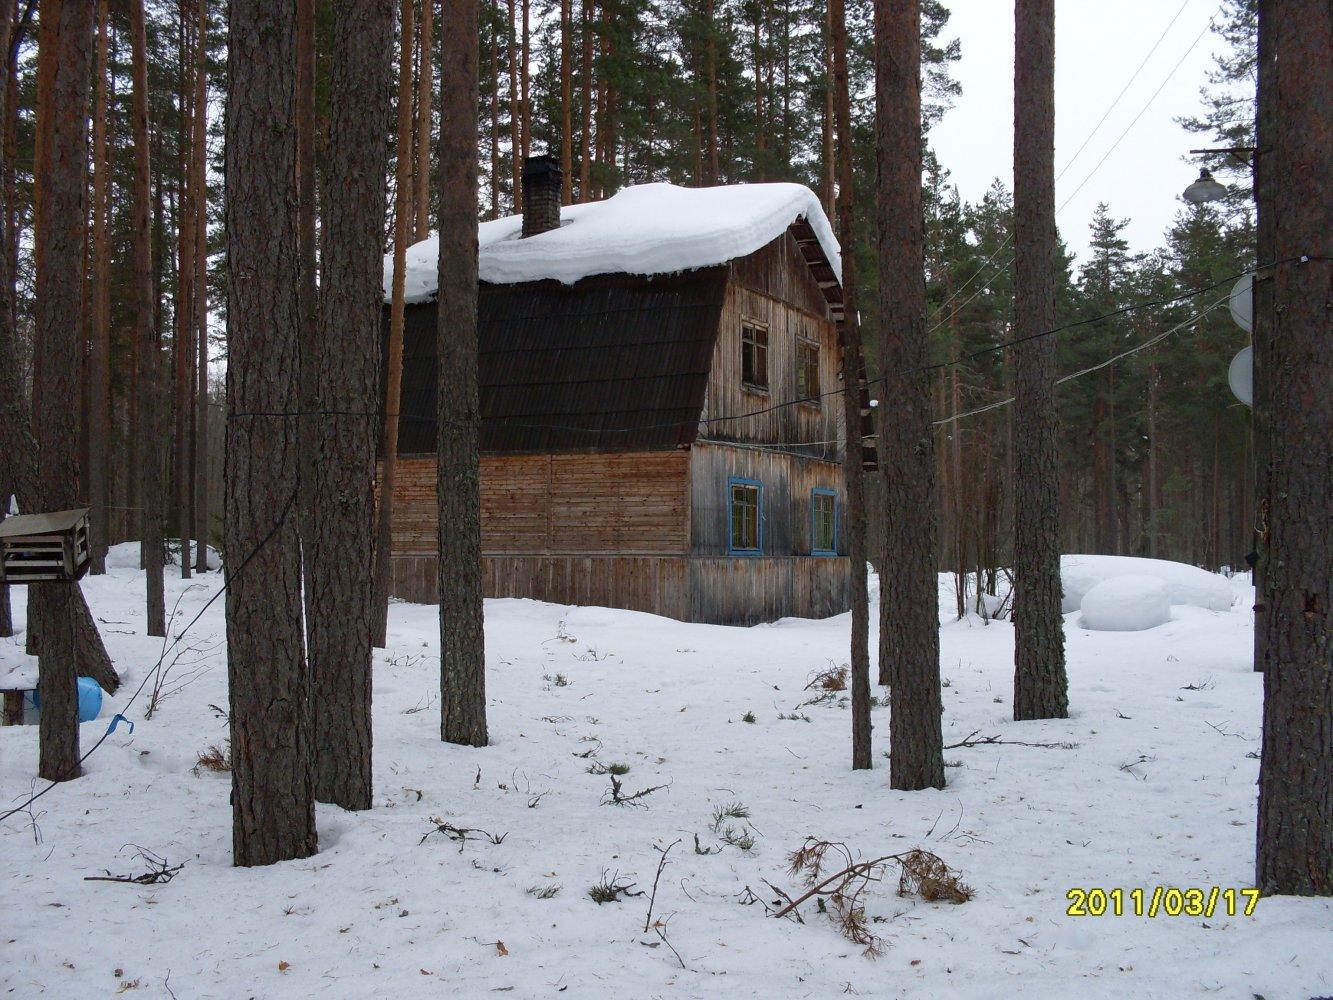 Фото SDC10213.JPG. Россия, Ленинградская область, Приозерское шоссе